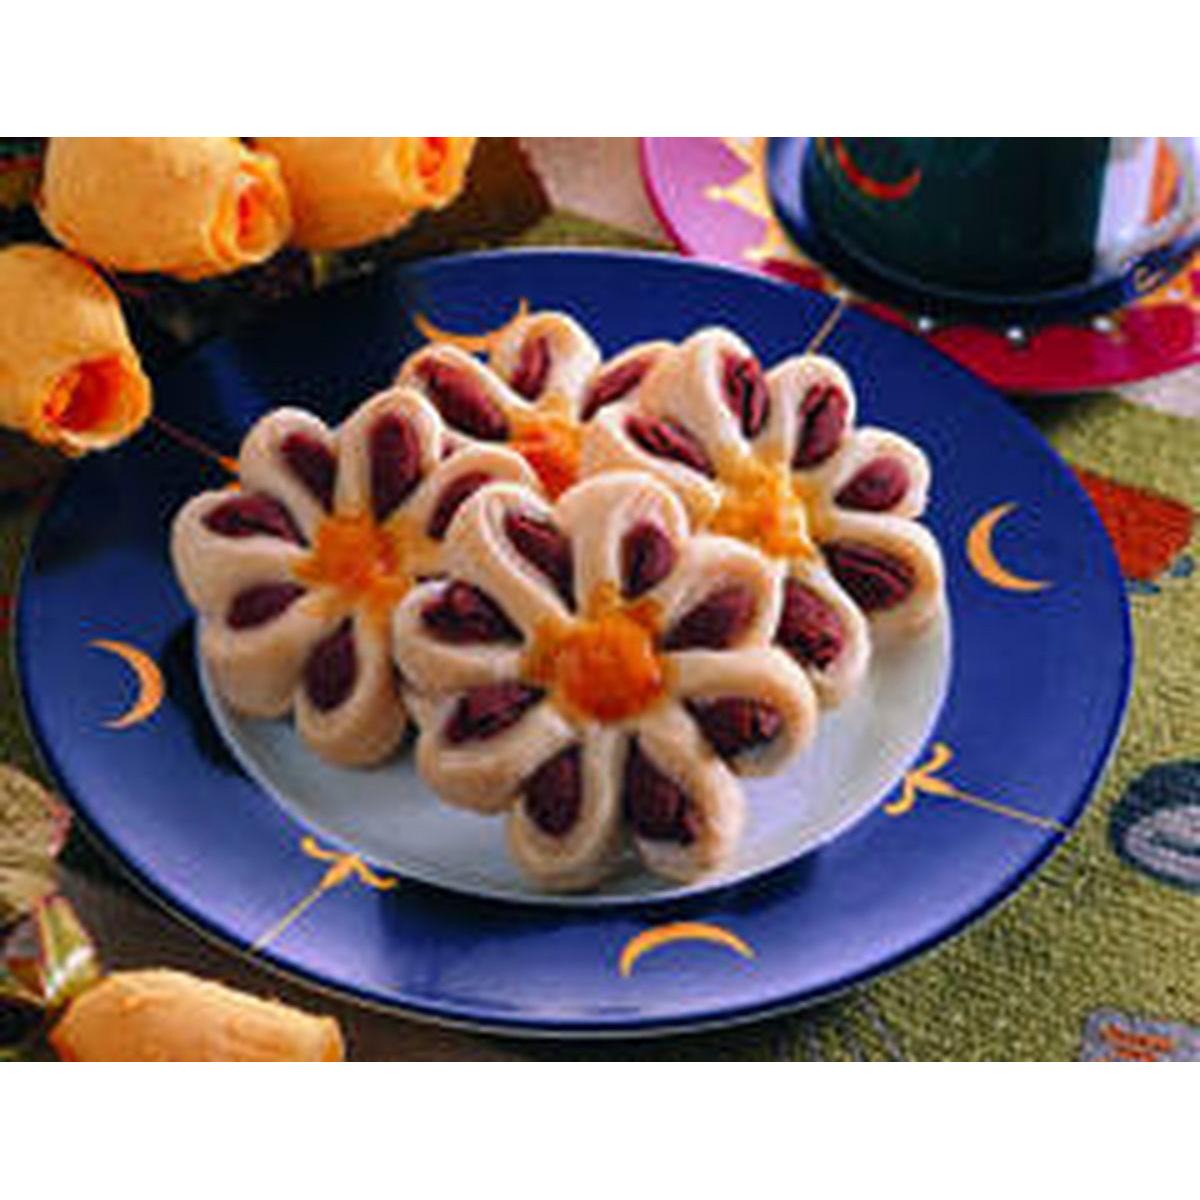 食譜:菊花酥餅